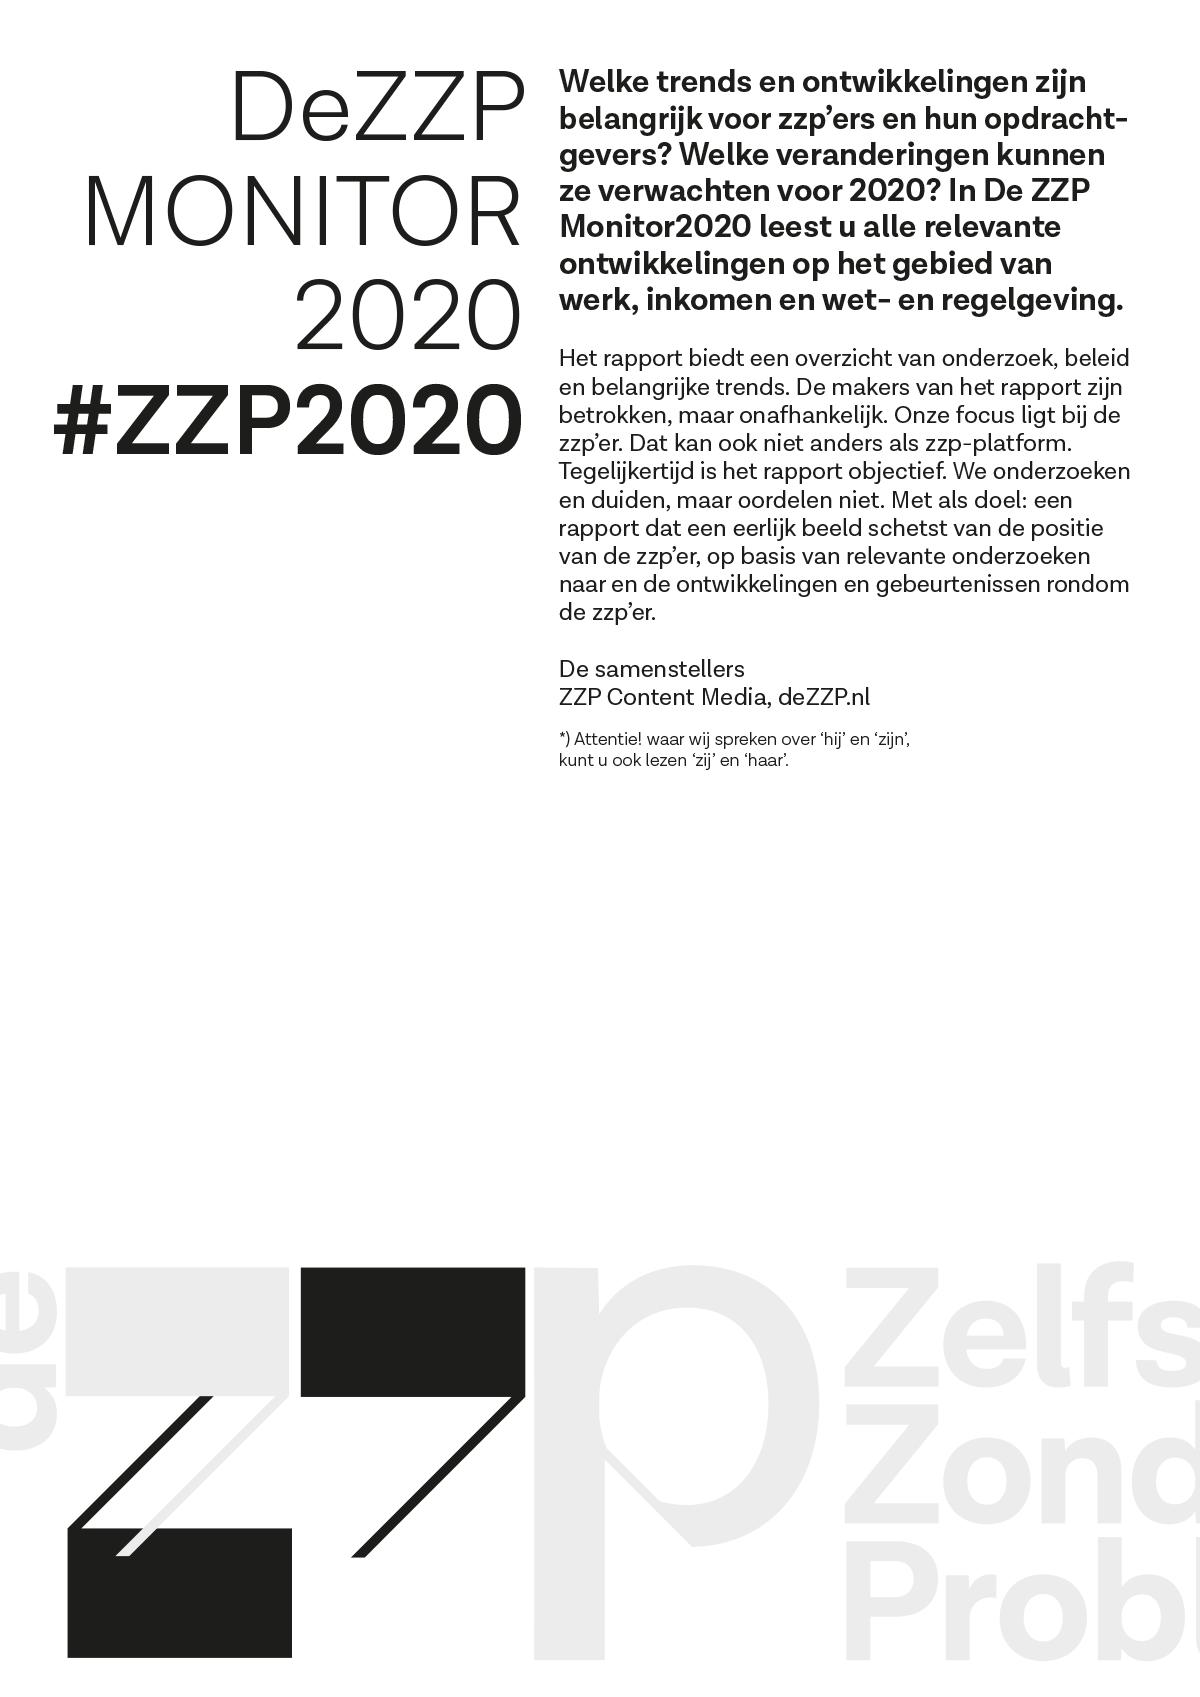 DeZZP Monitor 2020 #ZZP2020